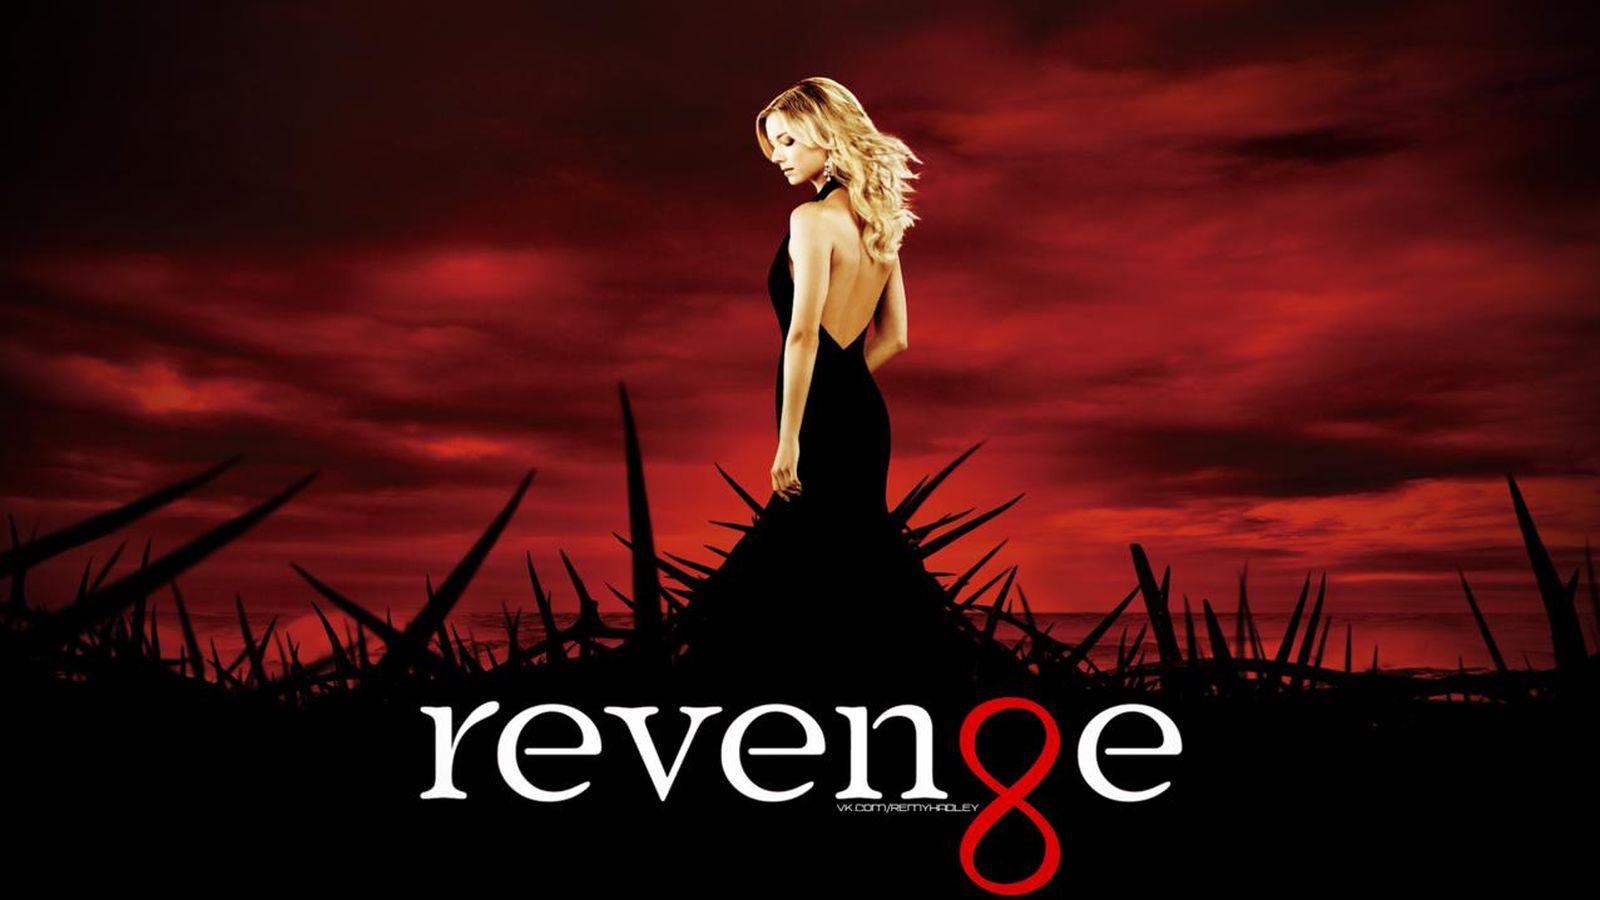 Foto: ABC cancela 'Revenge' tras cuatro temporadas